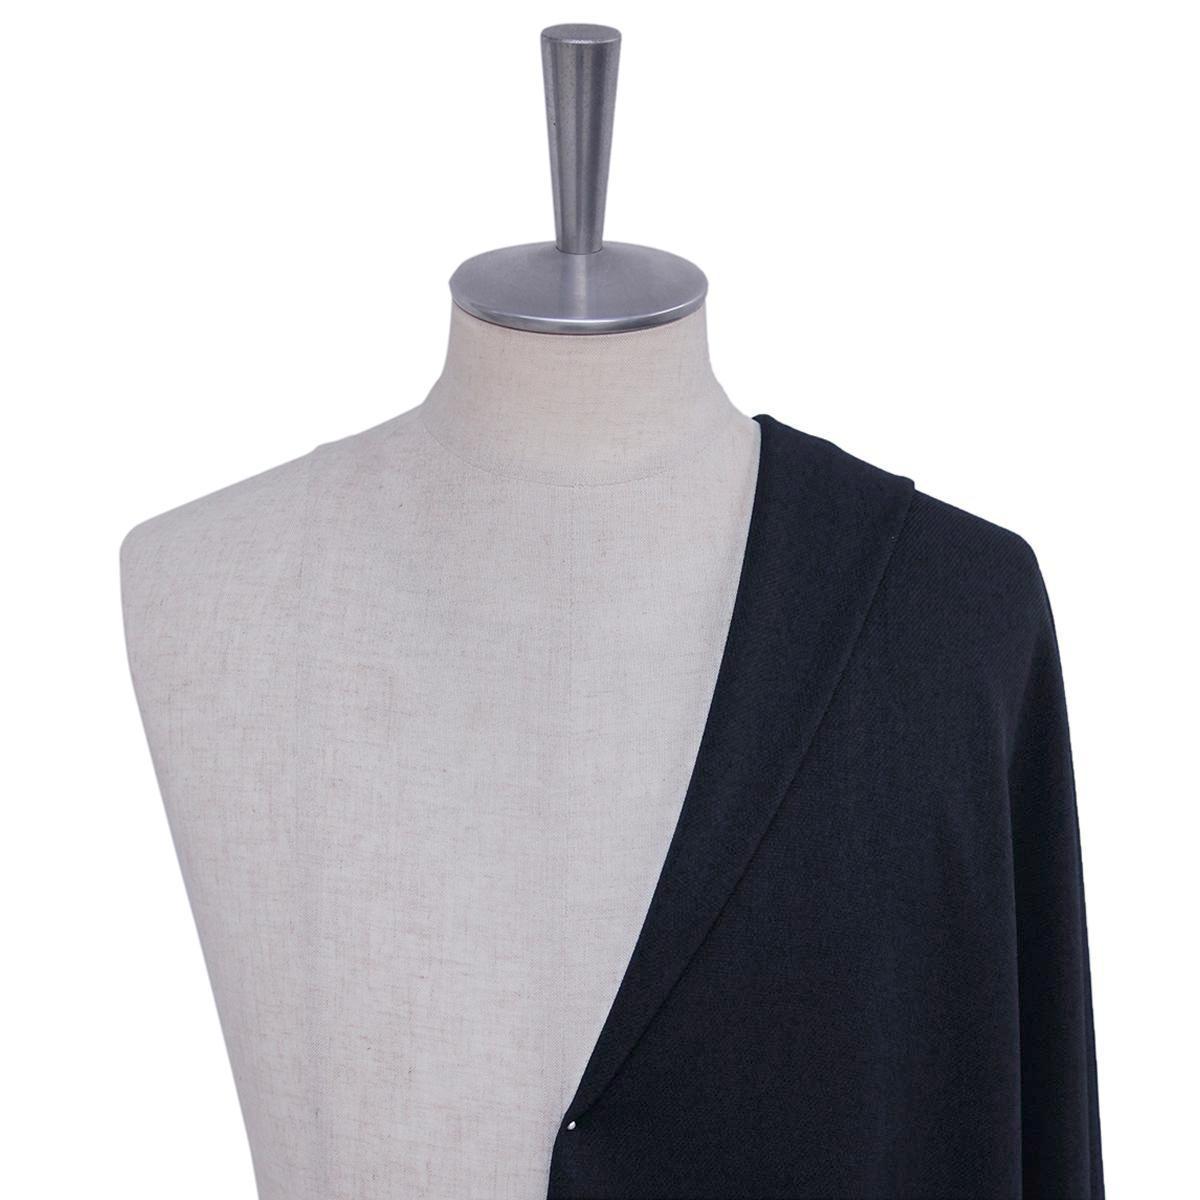 [オーダーレディーススーツ スカートセット]コットン生地でジャケパンスタイルにもおススメ